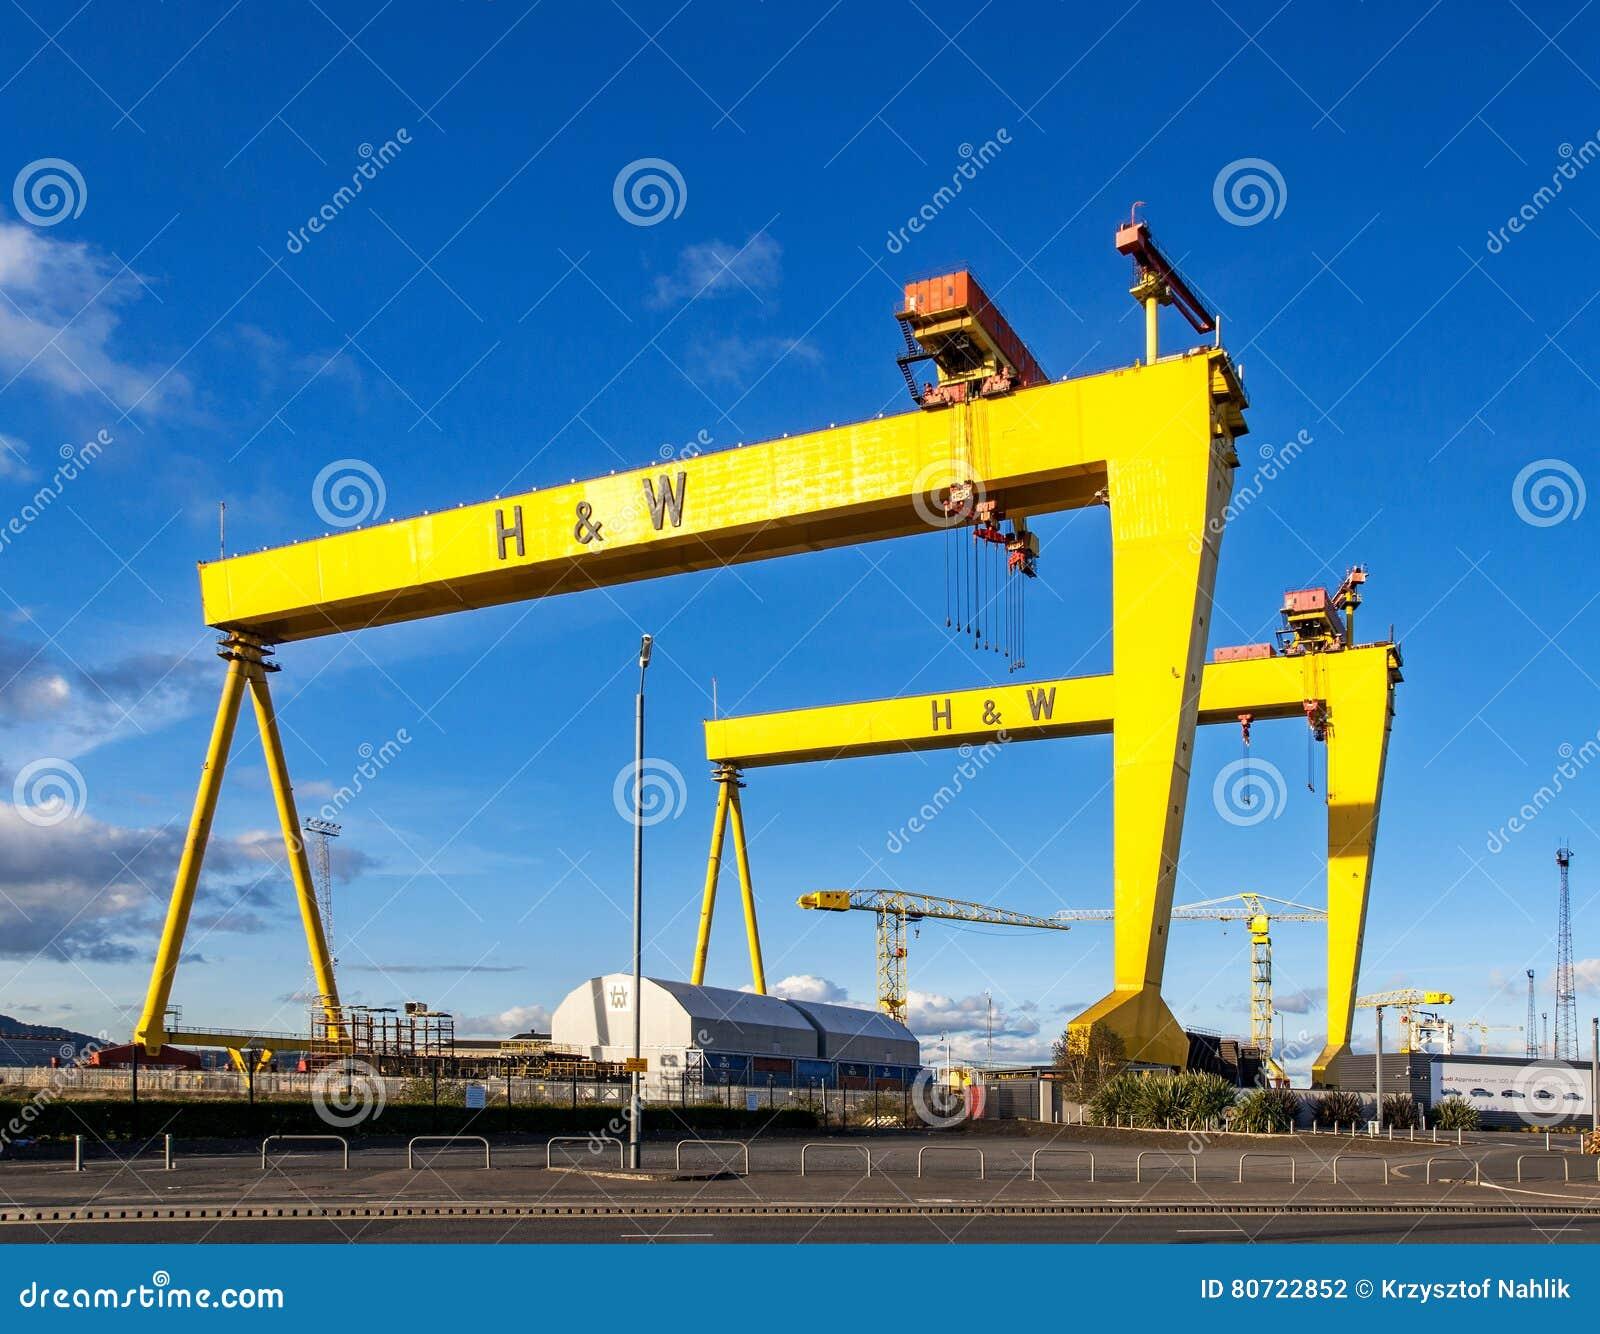 巨人samson 著名造船厂起重机在贝尔法斯特